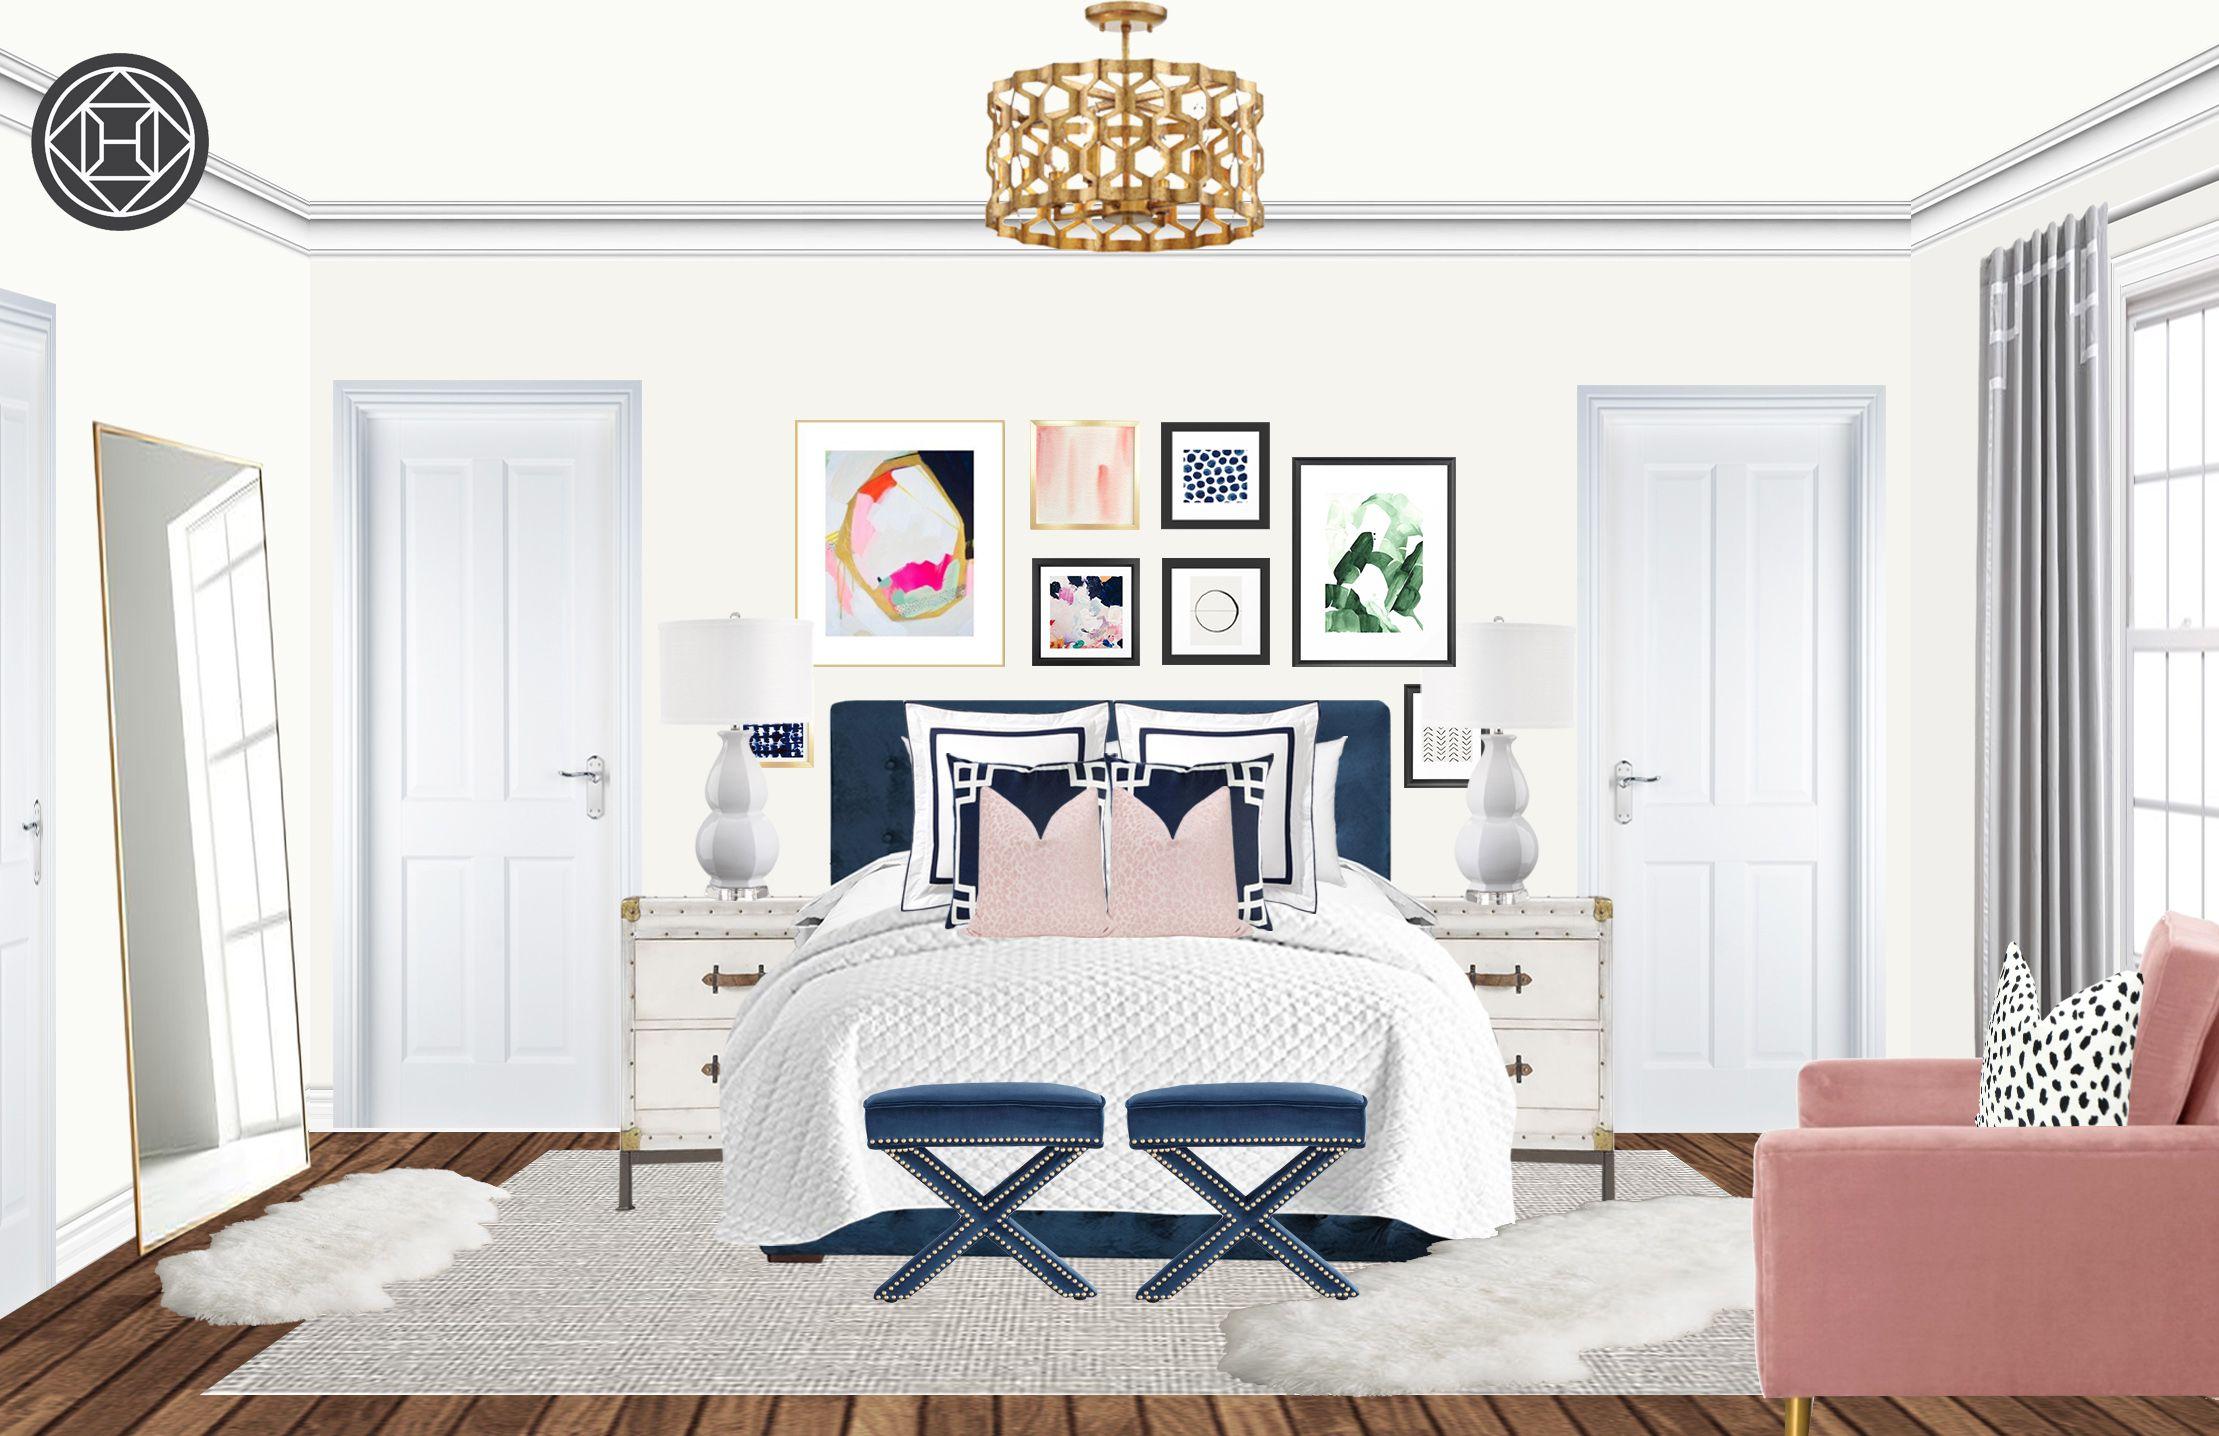 Contemporary Preppy Bedroom Design By Havenly Interior Designer